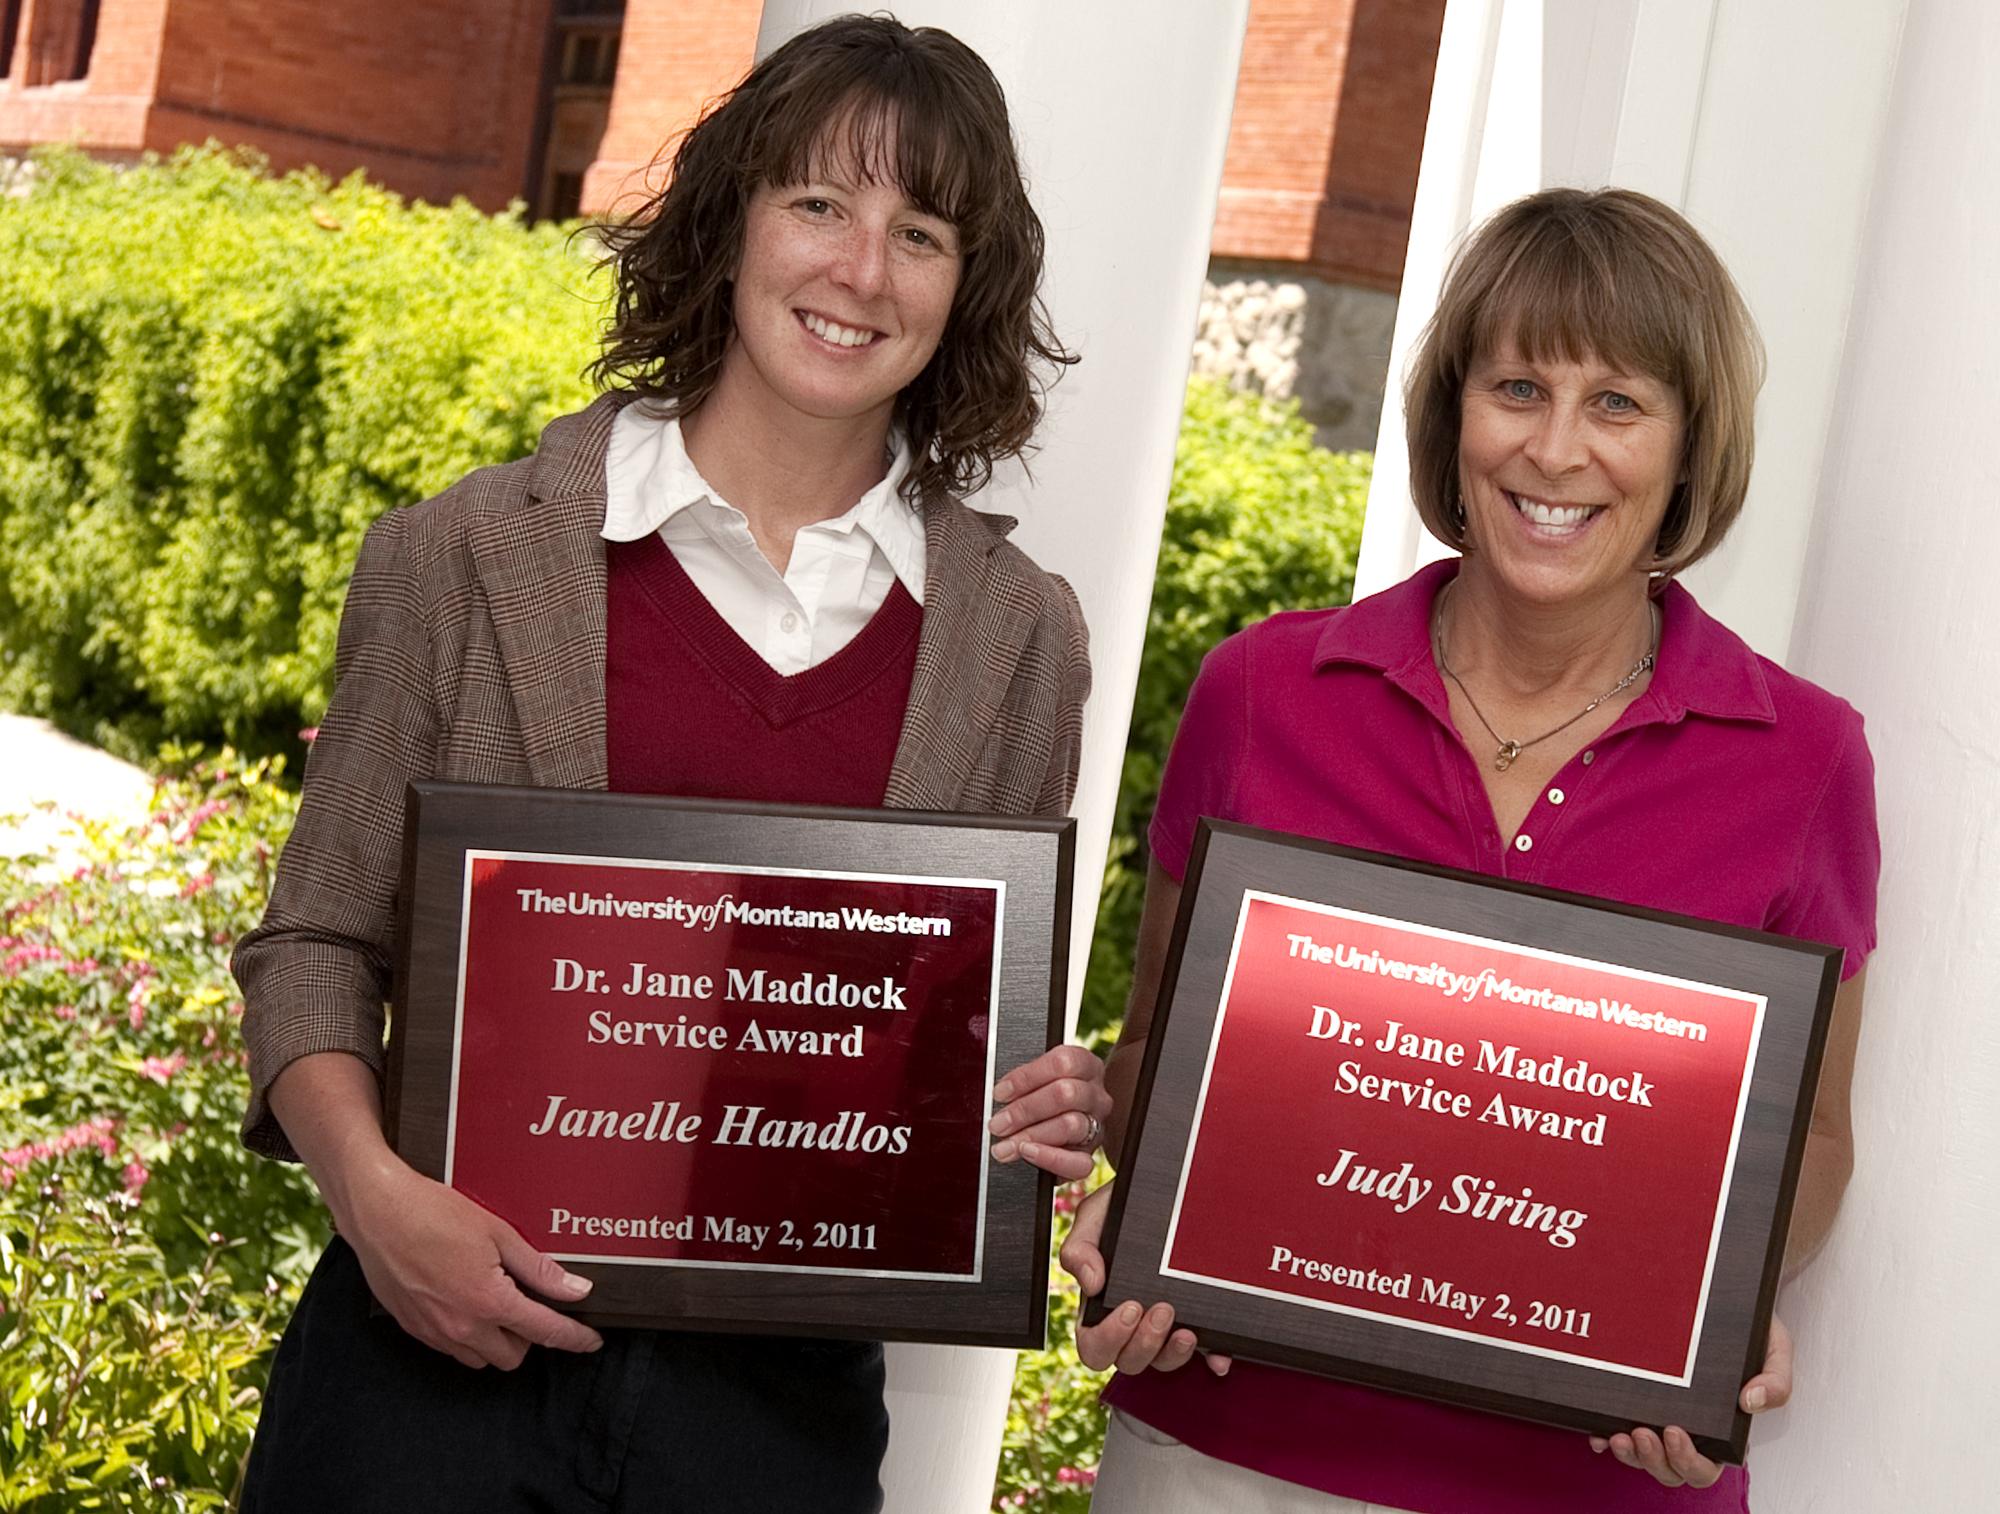 maddock award 2011